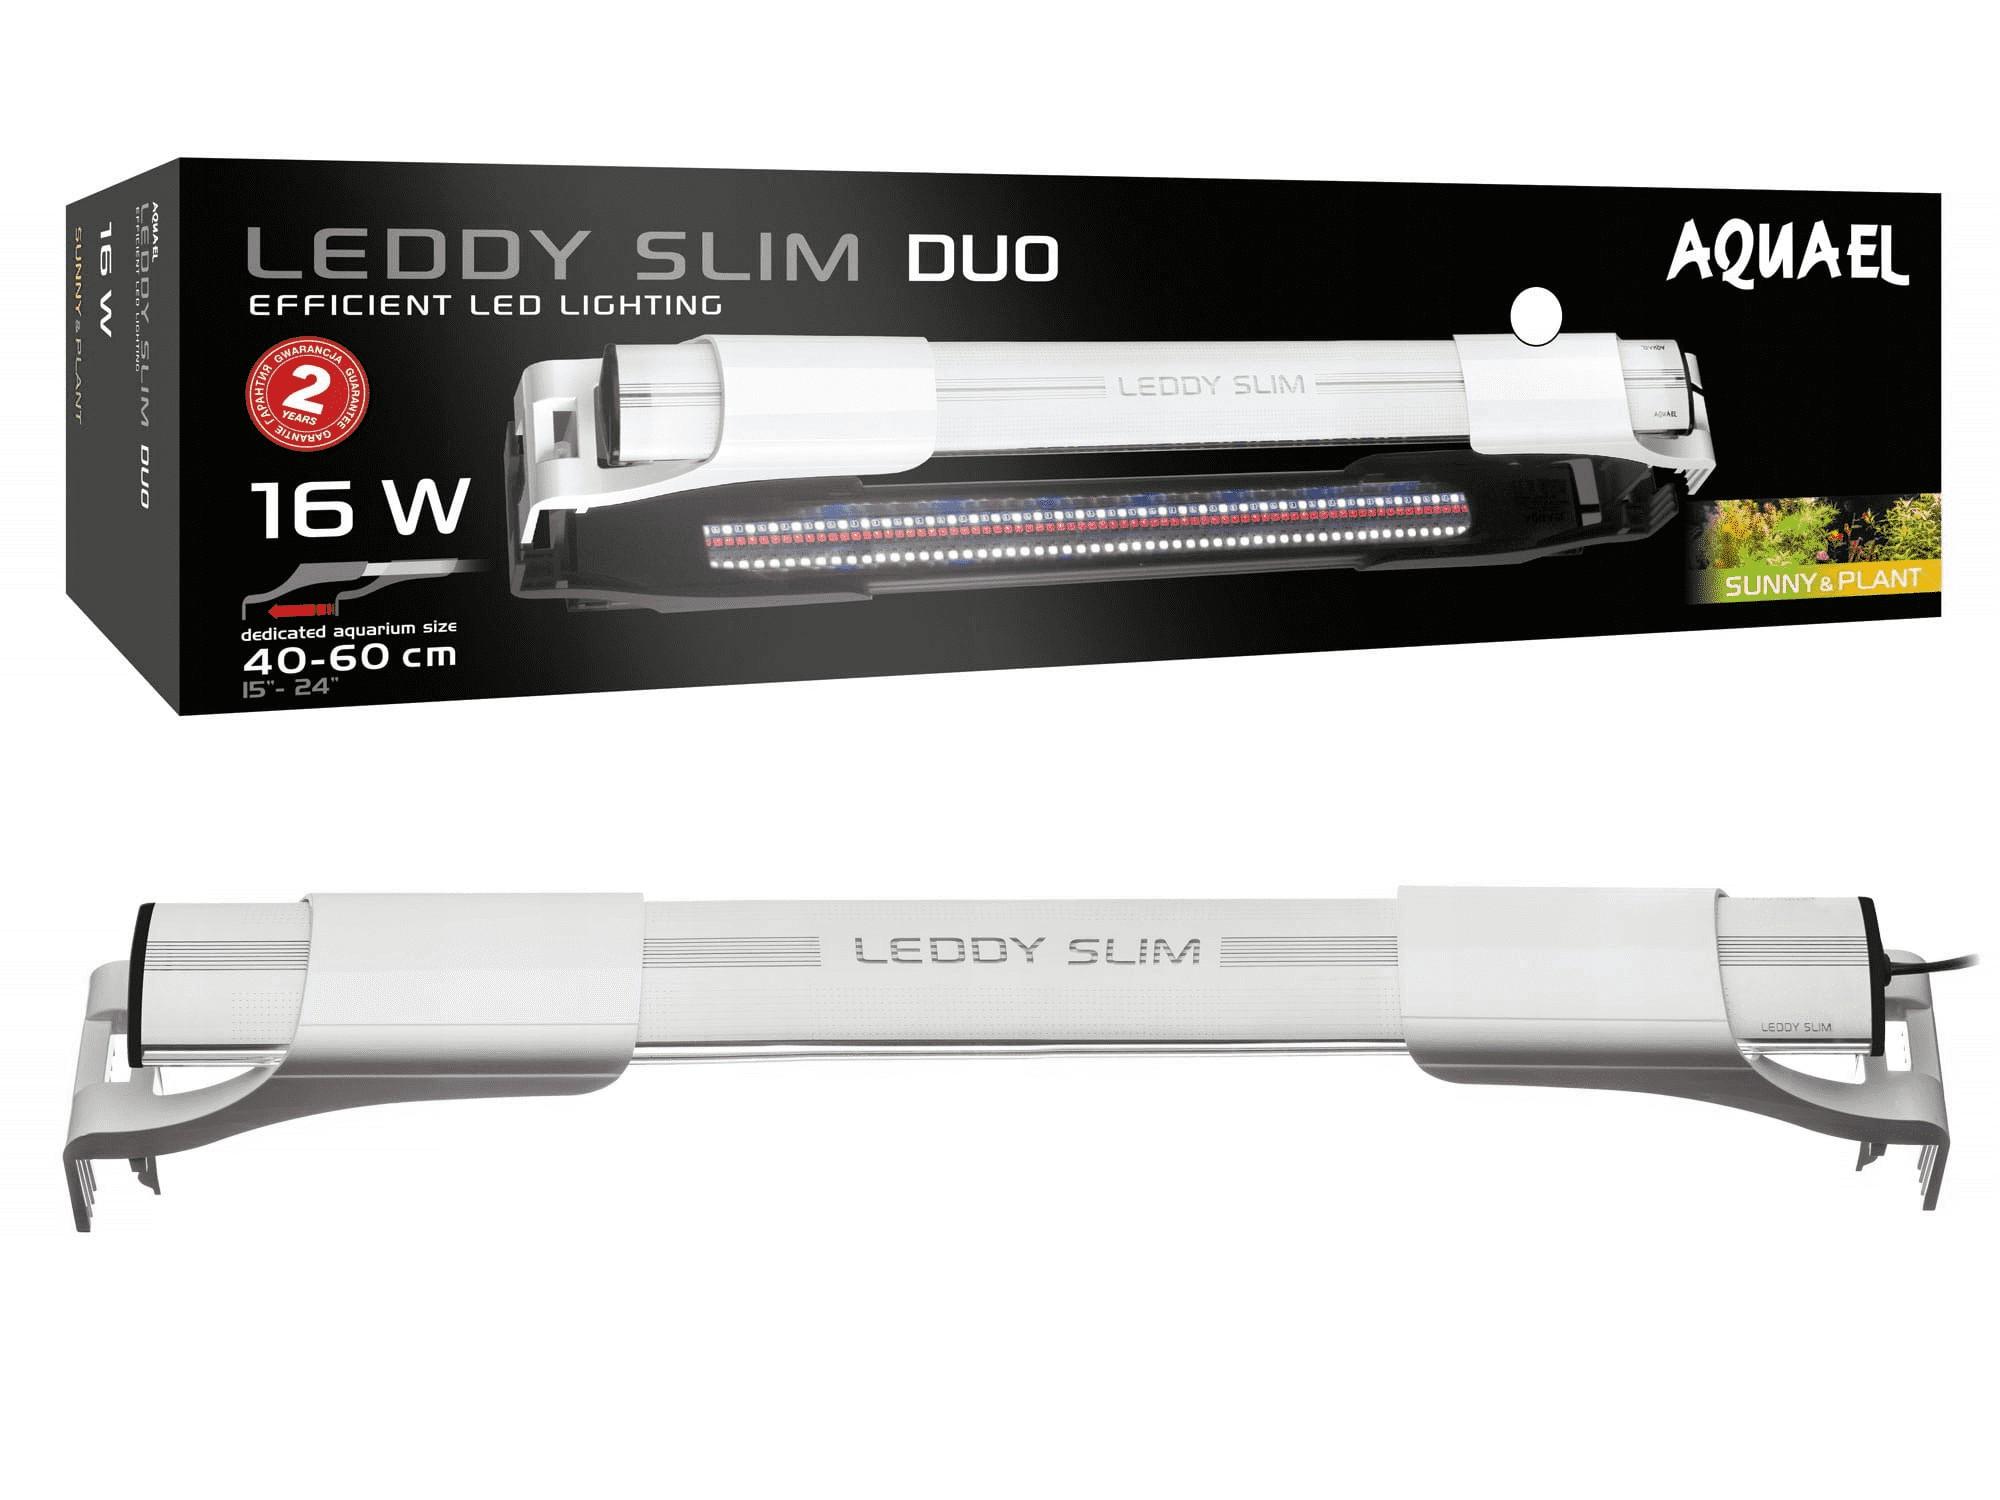 Aquael Leddy Slim 16W Duo Sunny&Plant